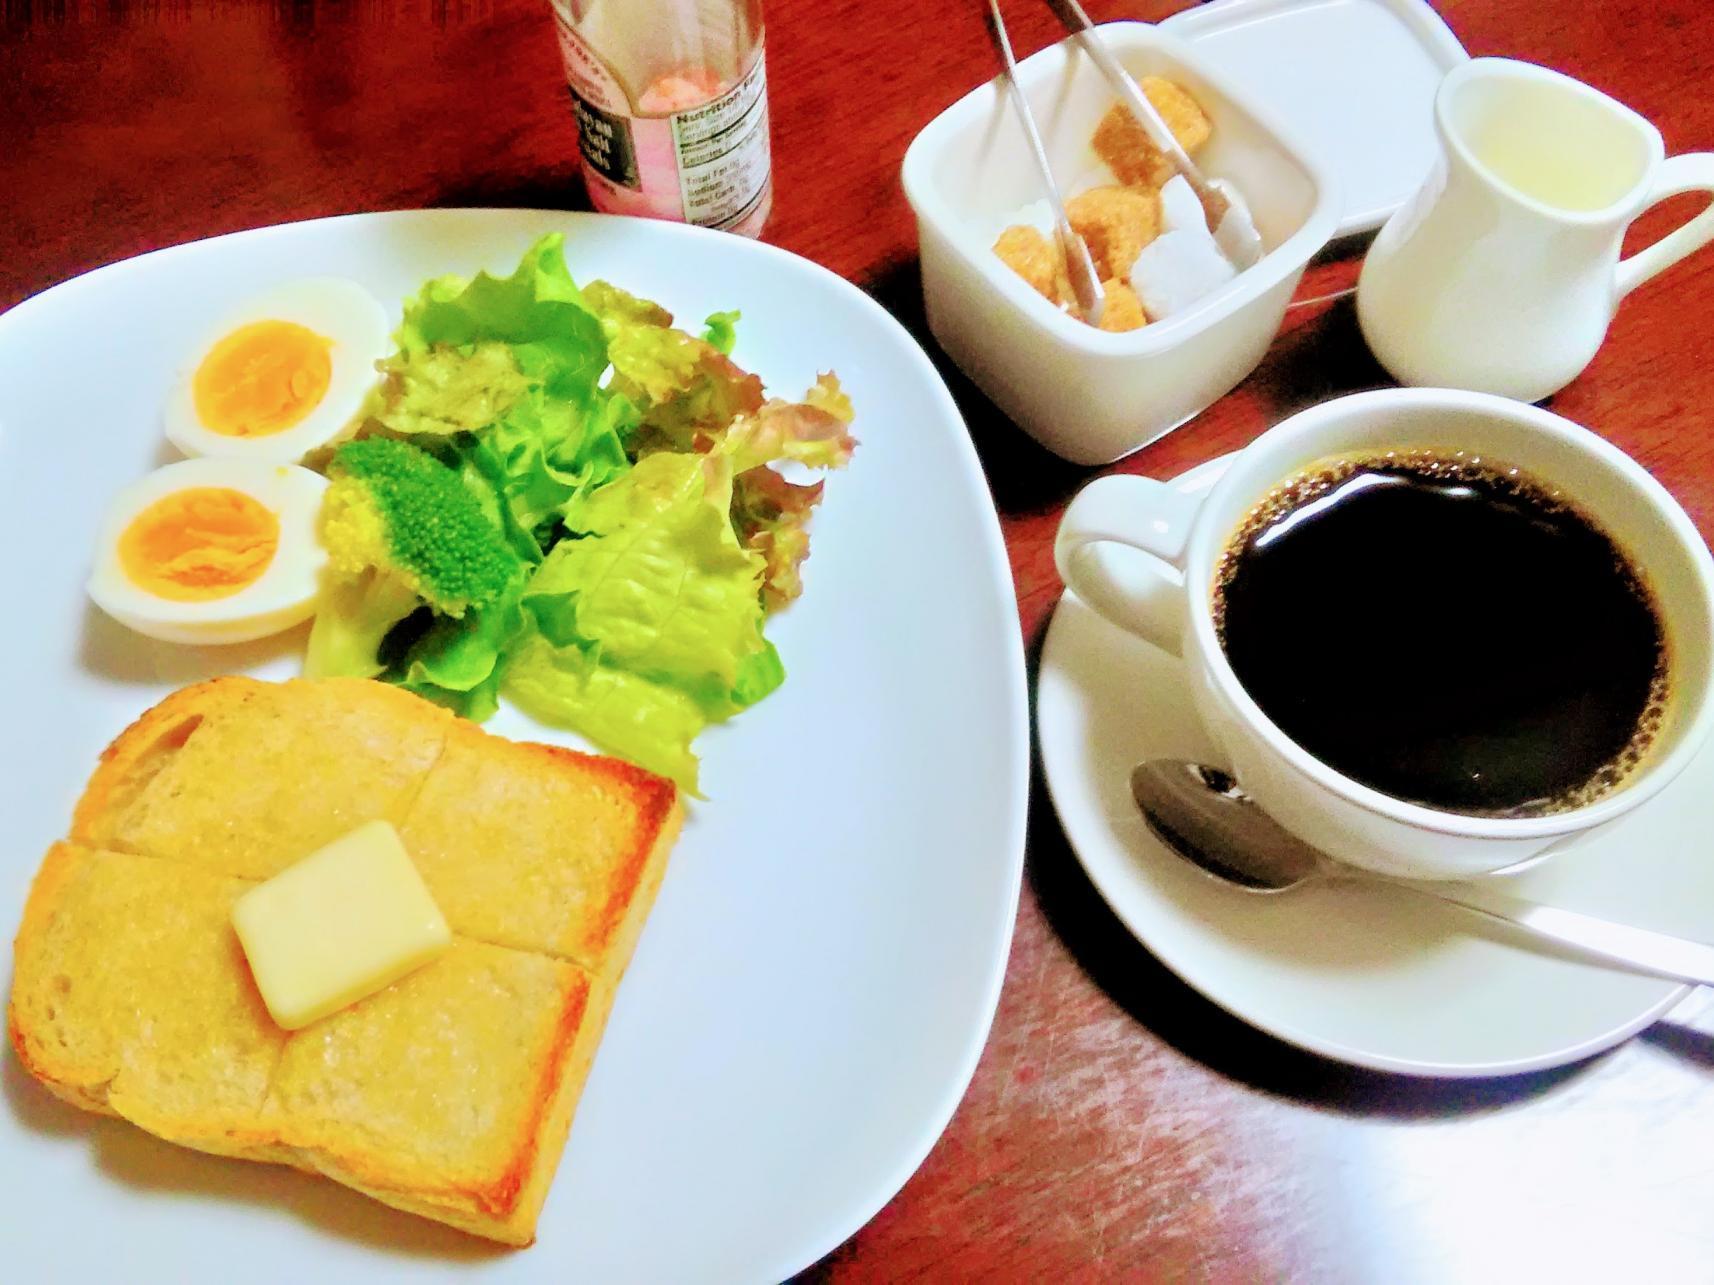 熟成するコーヒー豆と店と人「カフェ明治屋」-1